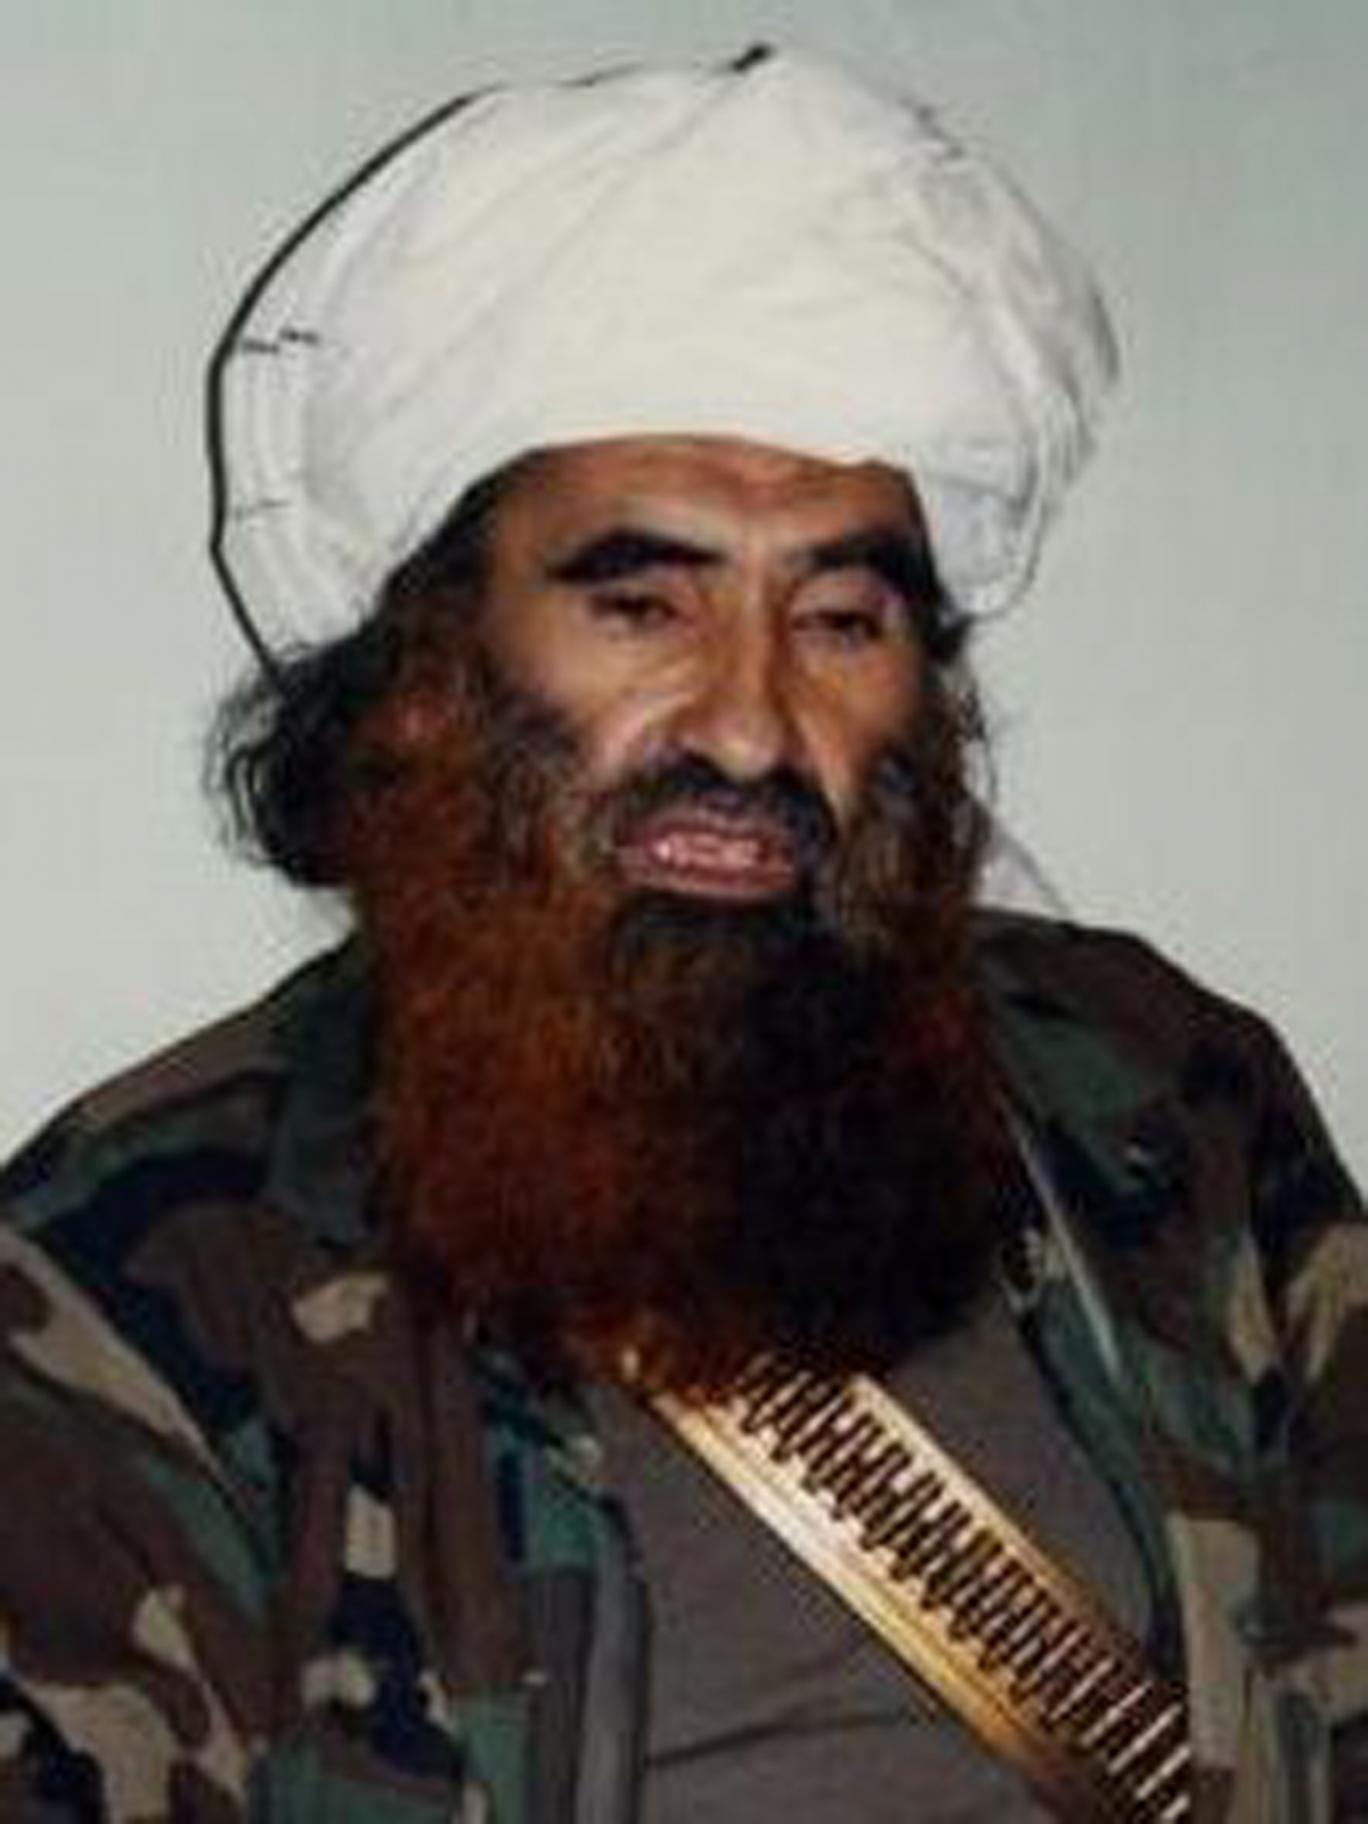 Nasiruddin Haqqani was said to be the main financier of the Taliban-linked Haqqani network militant group